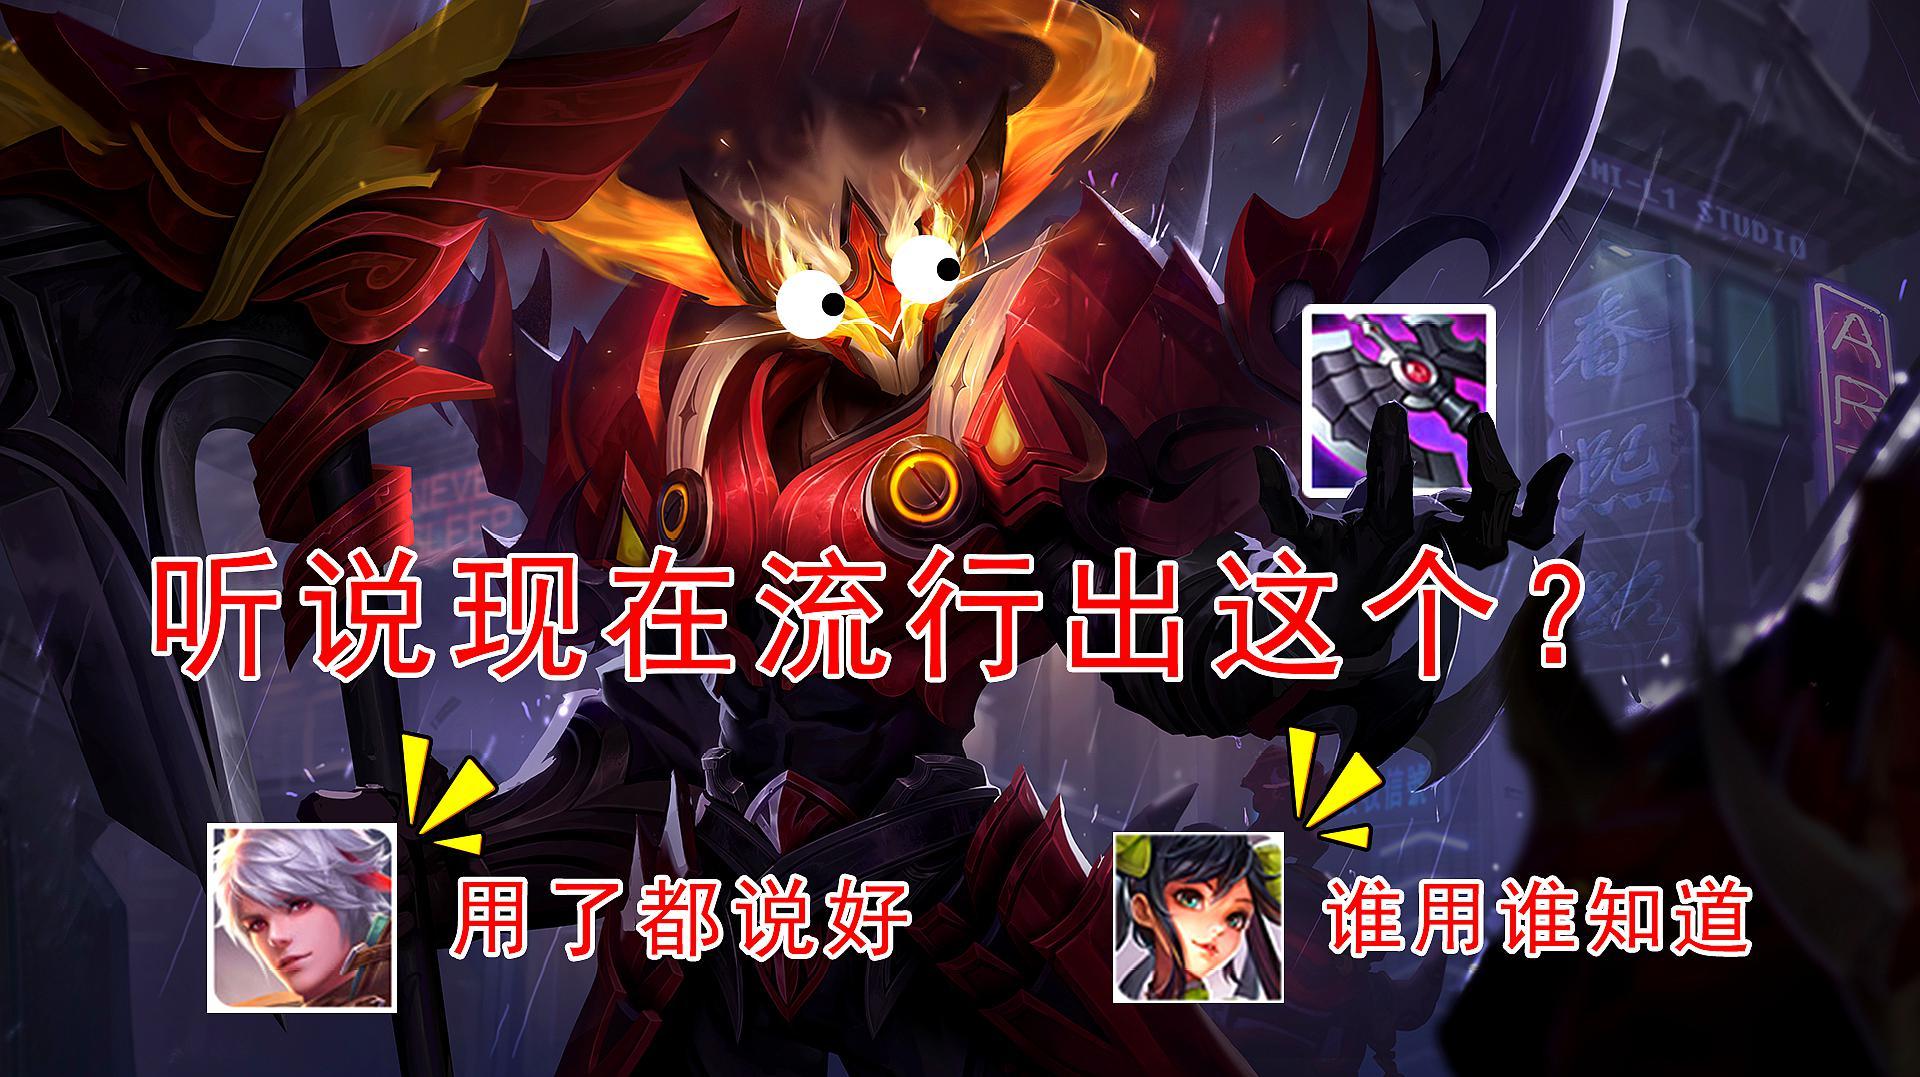 游戲快線:《王者榮耀》之典韋的精彩視頻集錦(第2期)